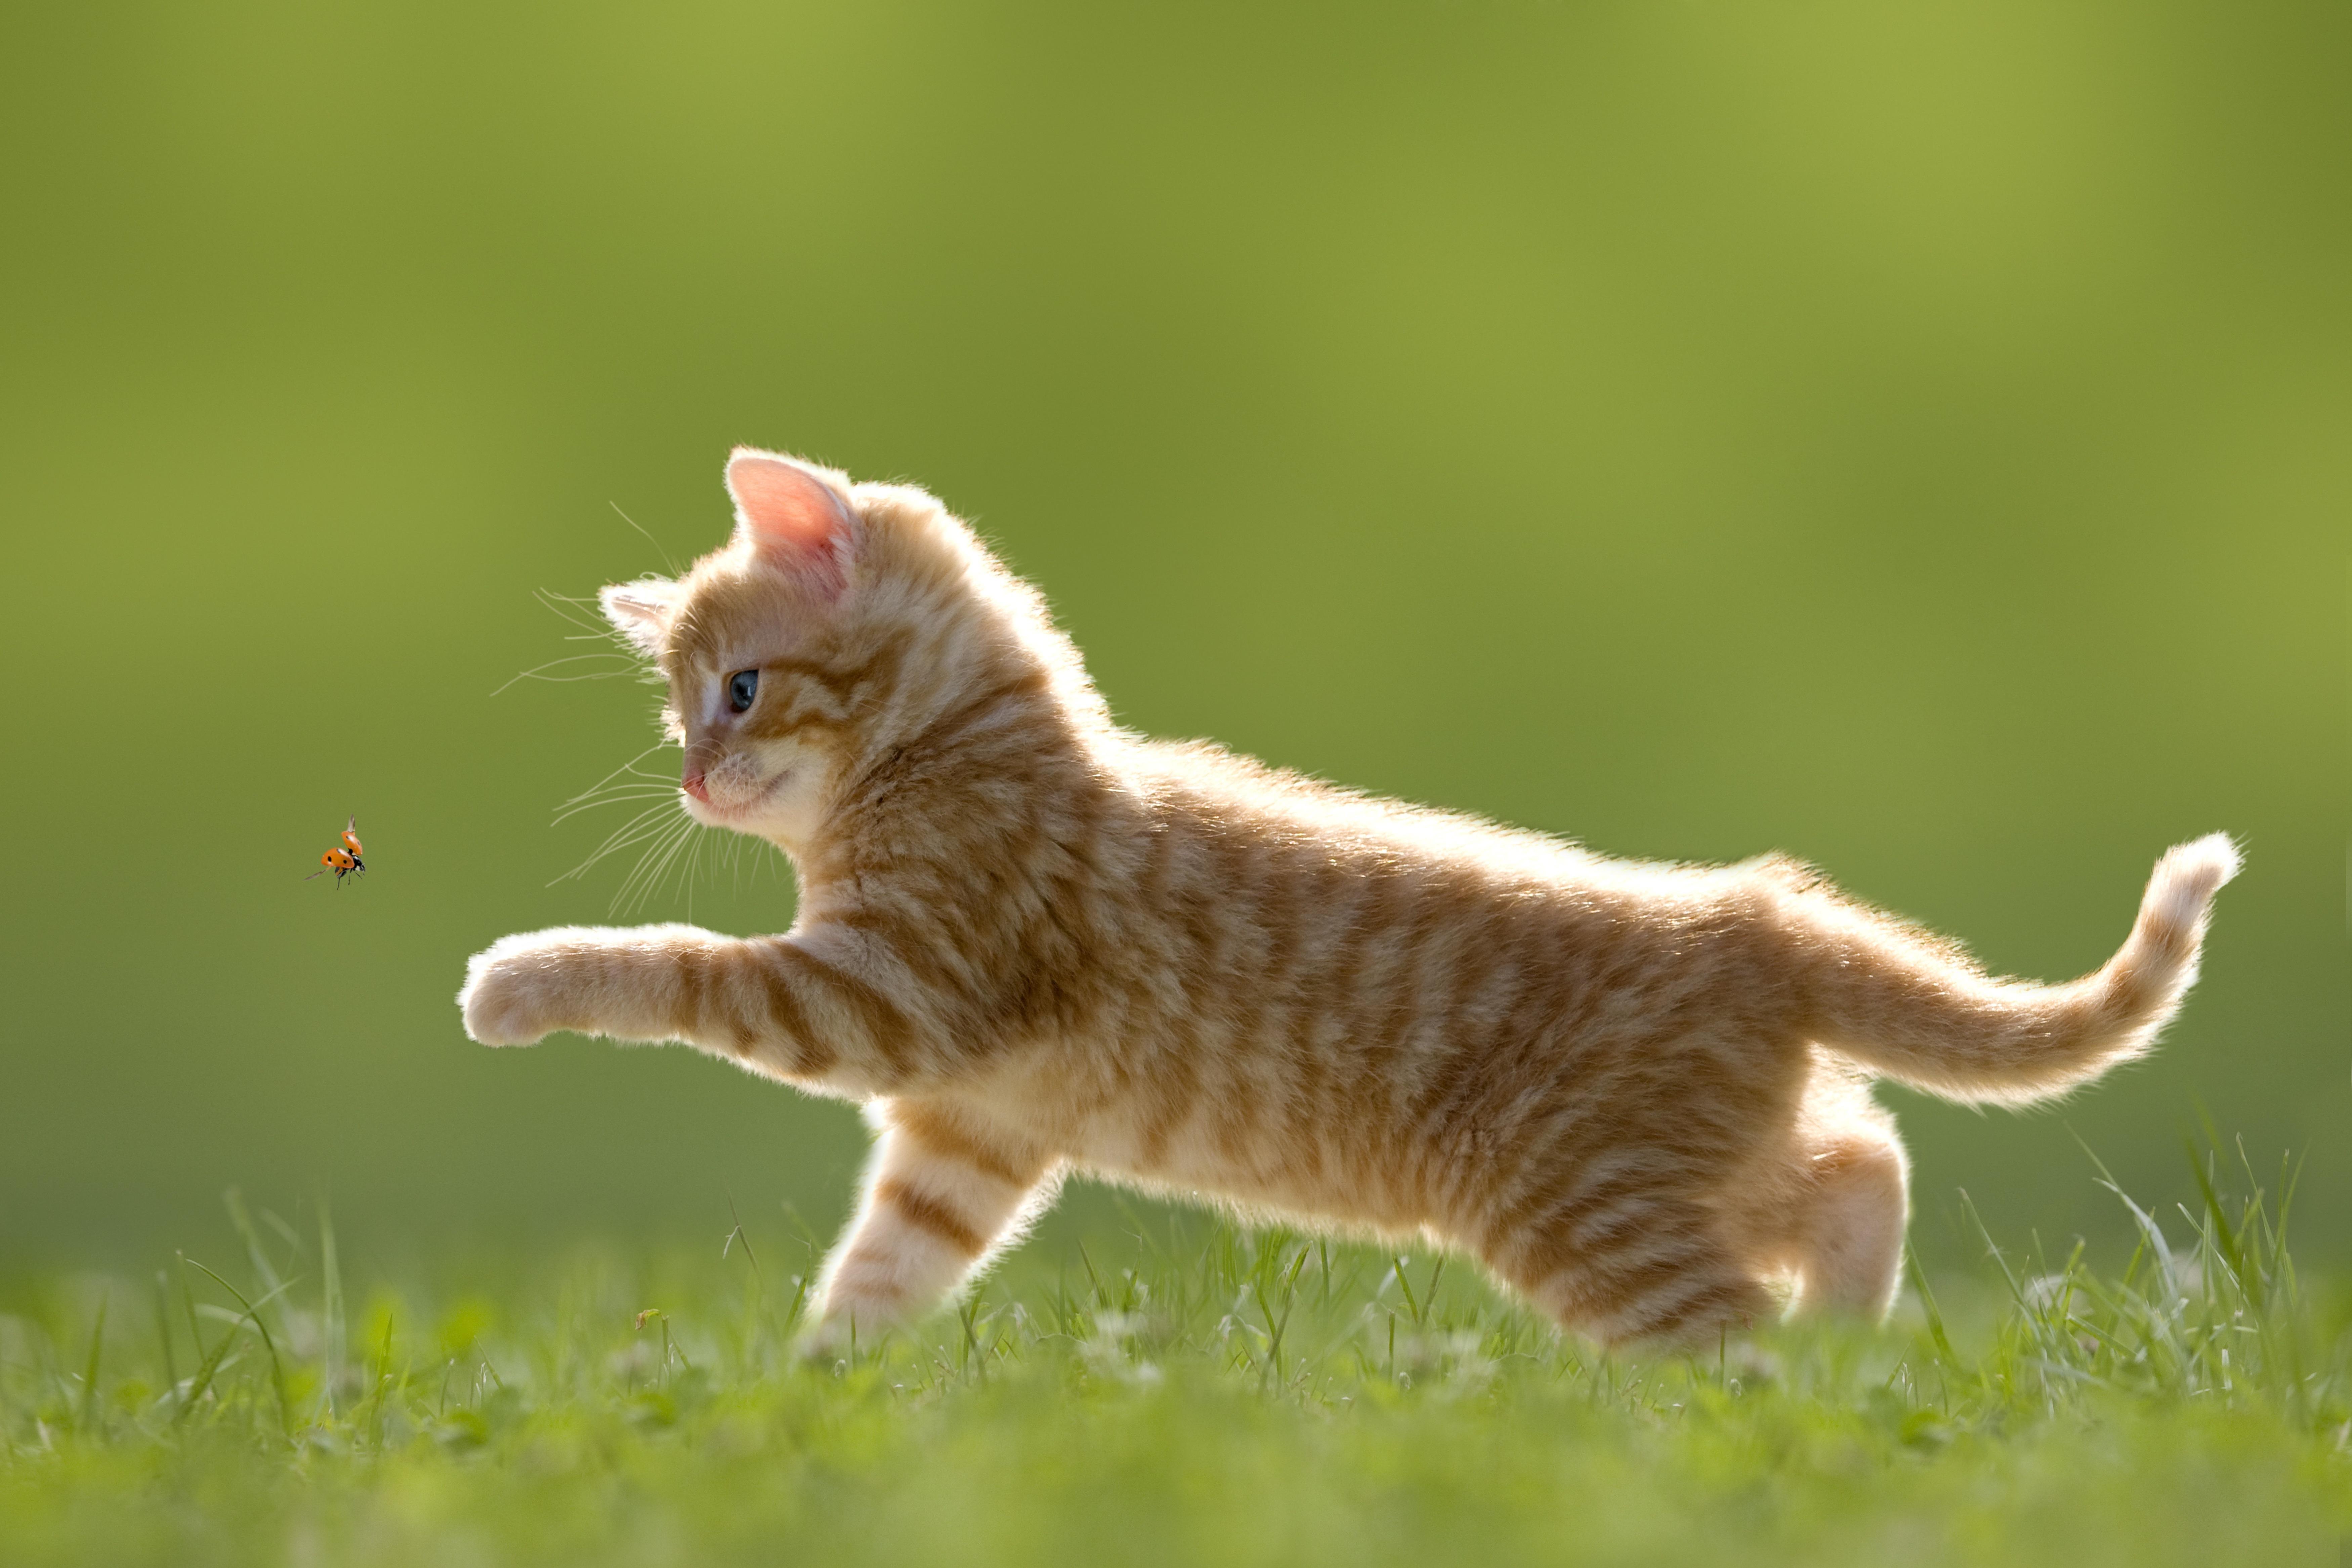 Котенок в мелкой траве  № 2954006  скачать